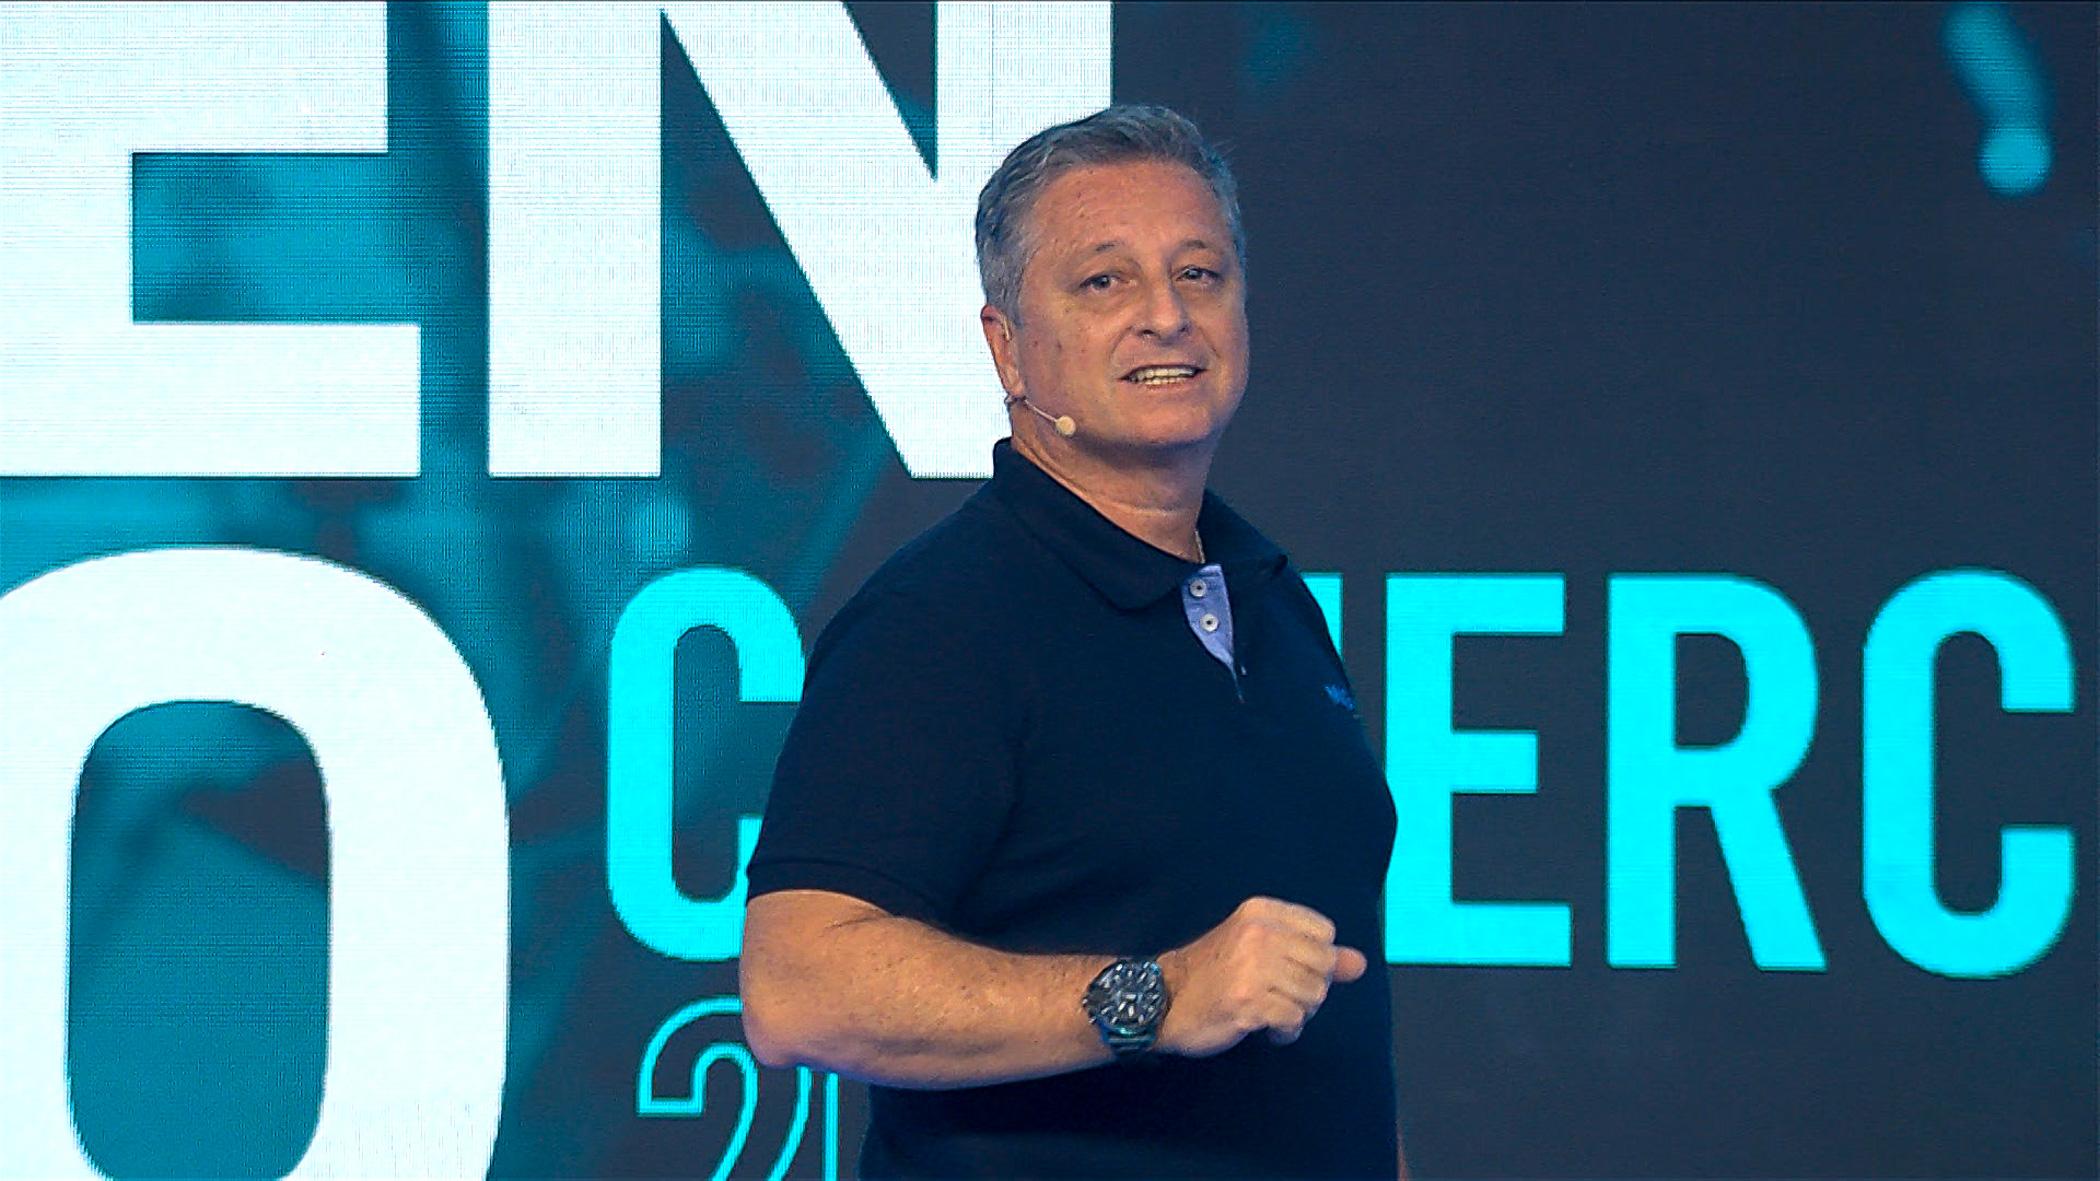 Nova cultura do brasileiro impulsiona seguro de vida, diz diretor da MAG Seguros